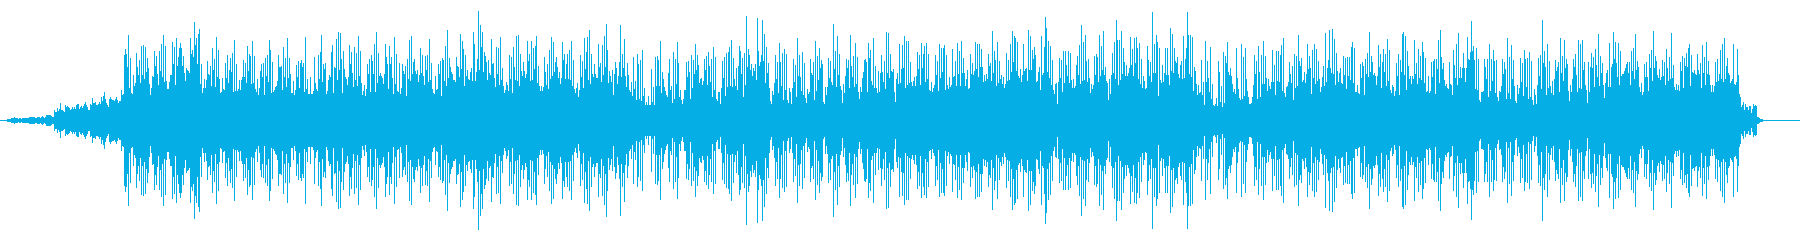 ダンス「MEMAI」の再生済みの波形